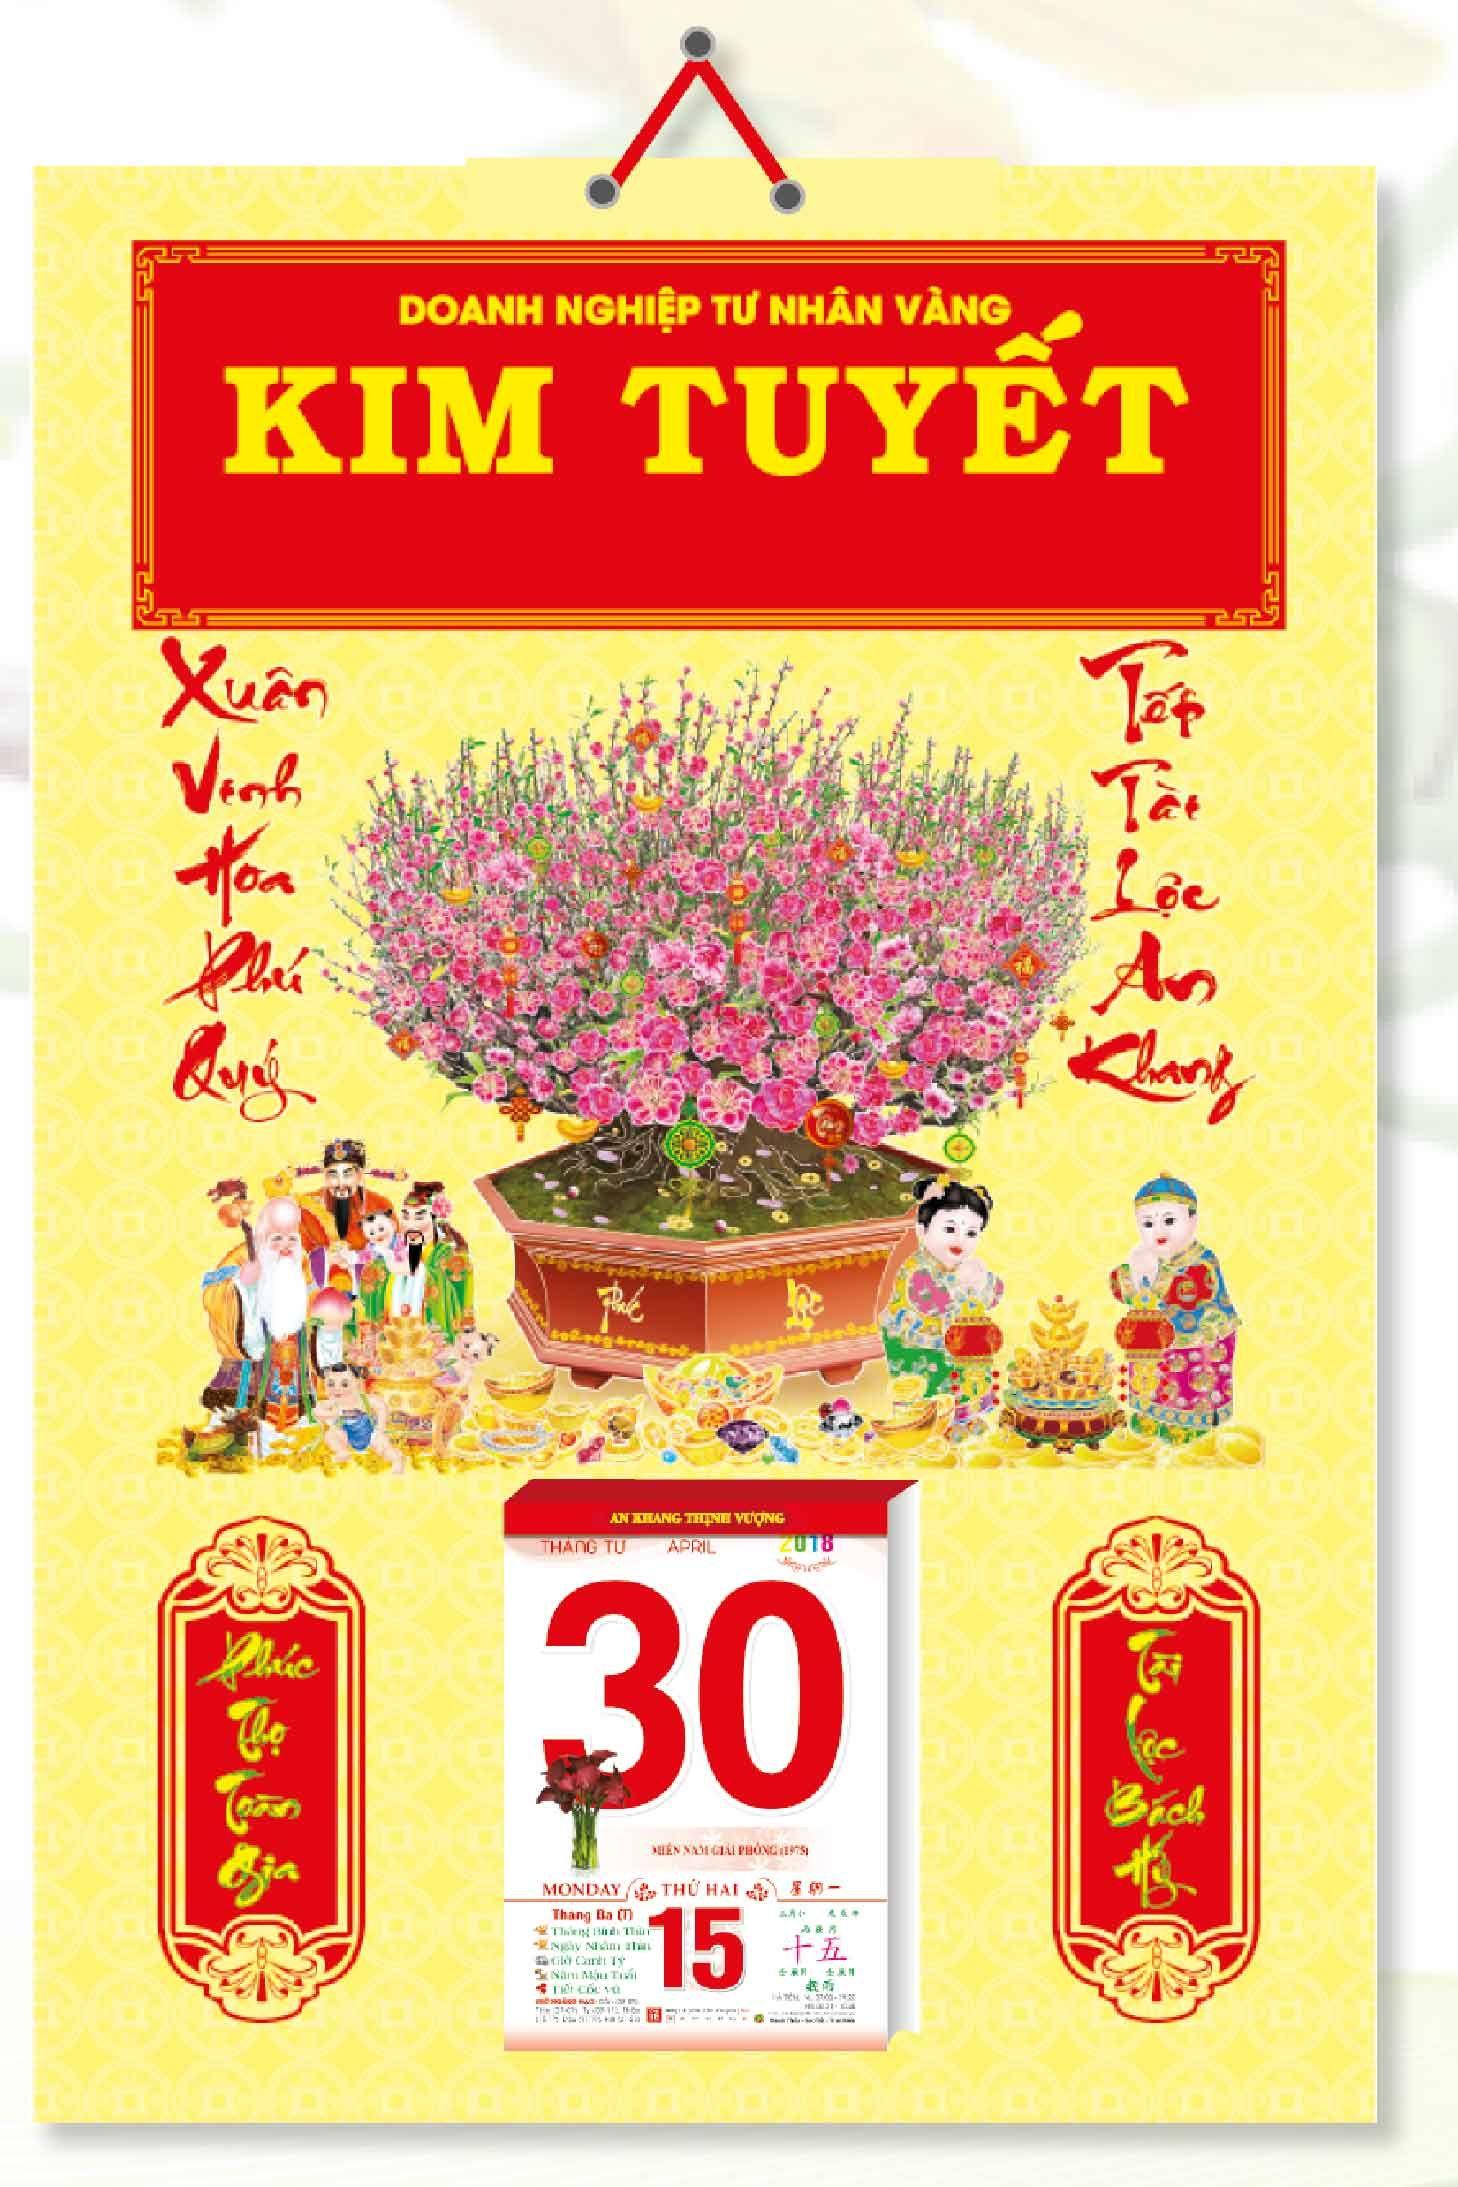 KV345 - Bìa Treo Lịch 2018 Đỏ Bế Nổi (40 x 60 cm) - Bế Nổi Chậu Đào